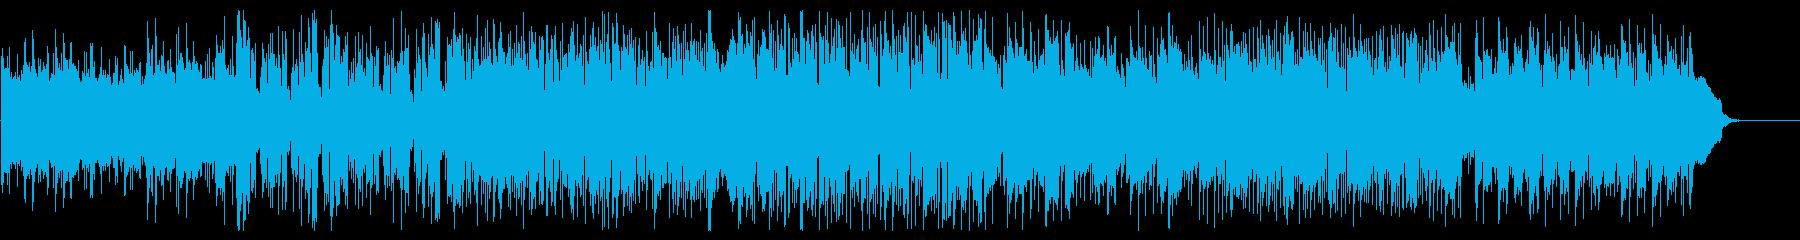 アコースティック 草原 田舎 故郷の再生済みの波形